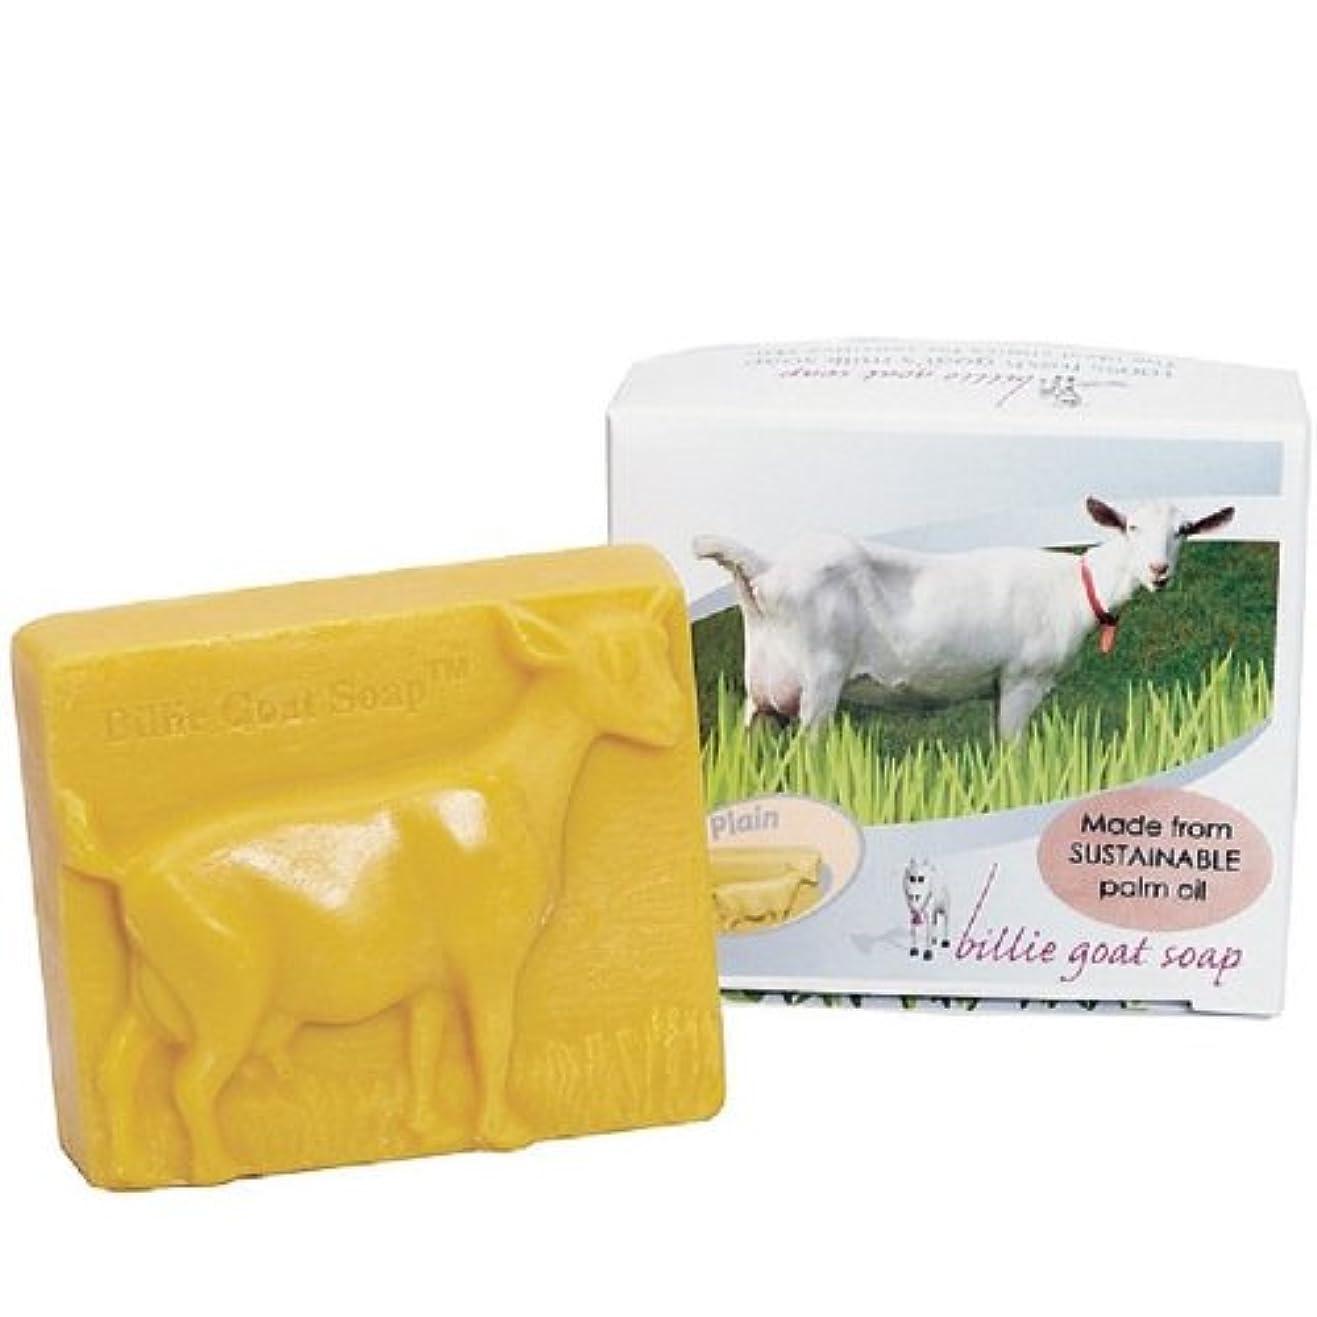 対応する卑しい遠え【BILLIE GOAT SOAP】ビリーゴートミルクソープ 3個セット パームオイル使用 プレーン